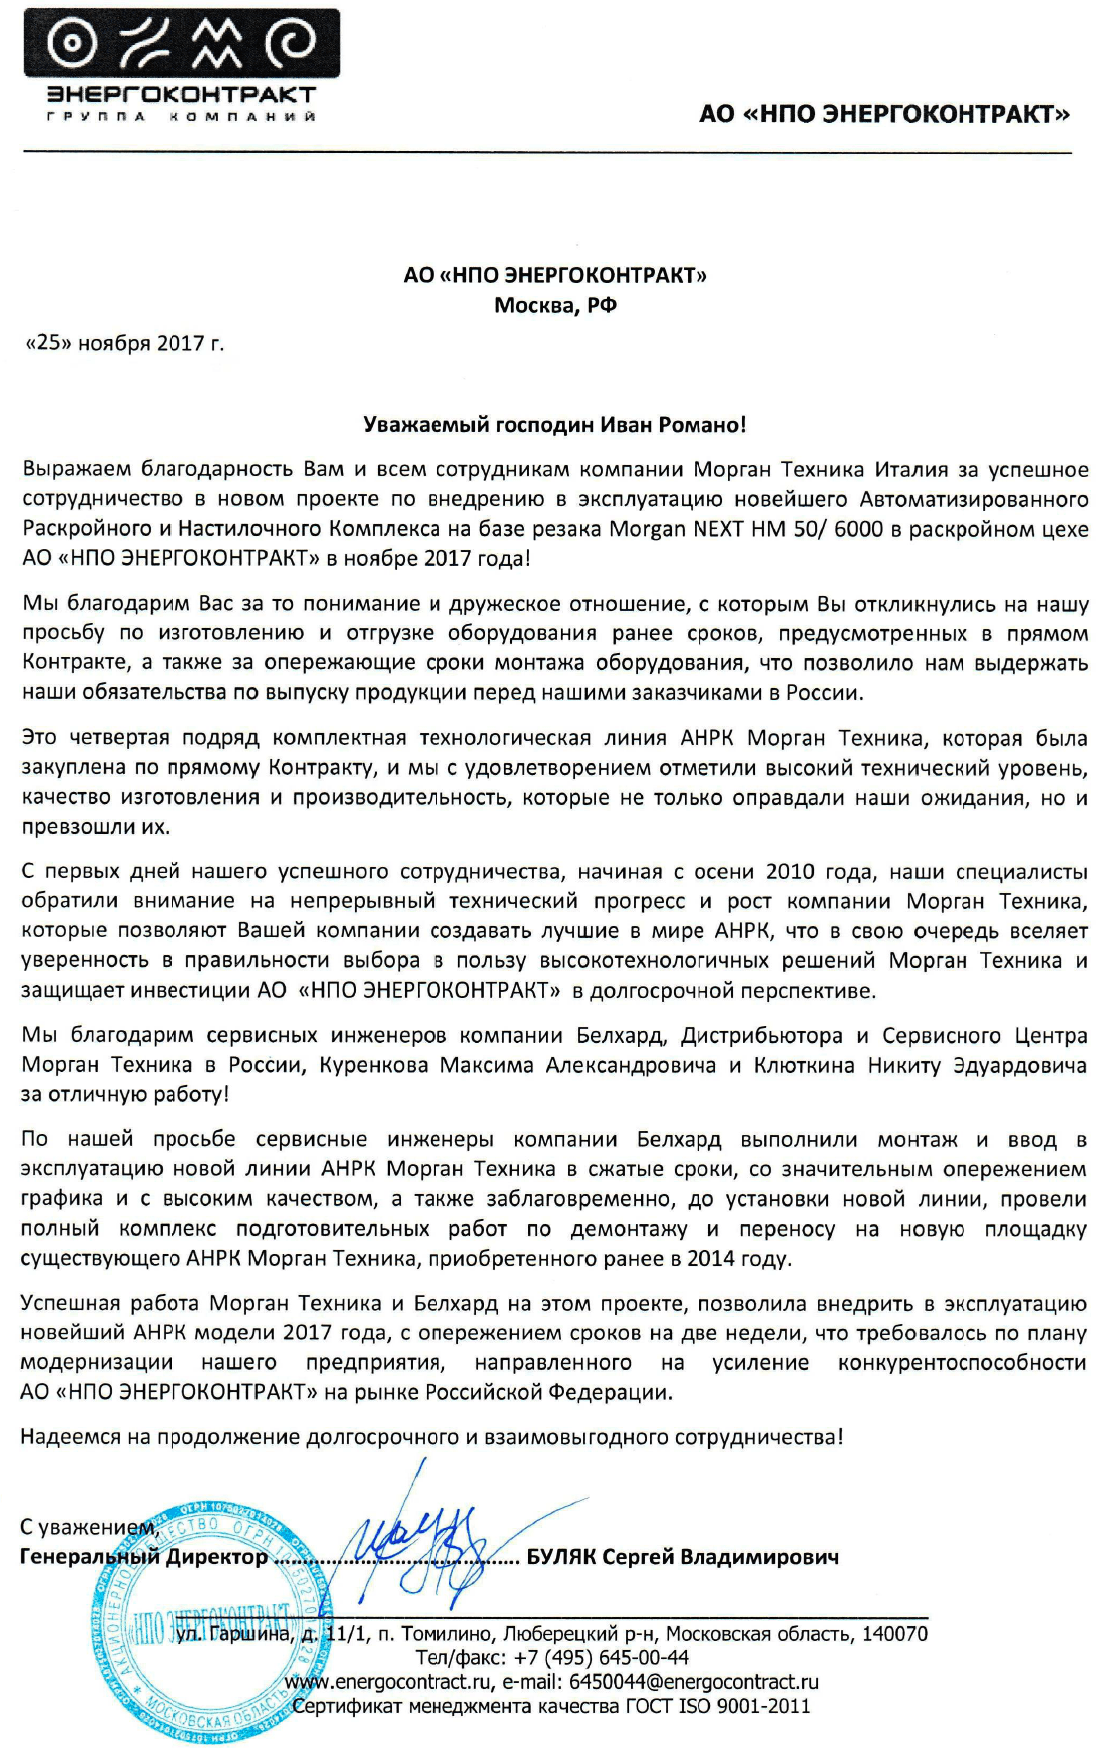 Благодарственное письмо Энергоконтракта. Видео работы четырех раскройных линий. Абсолютный рекорд продаж в России!